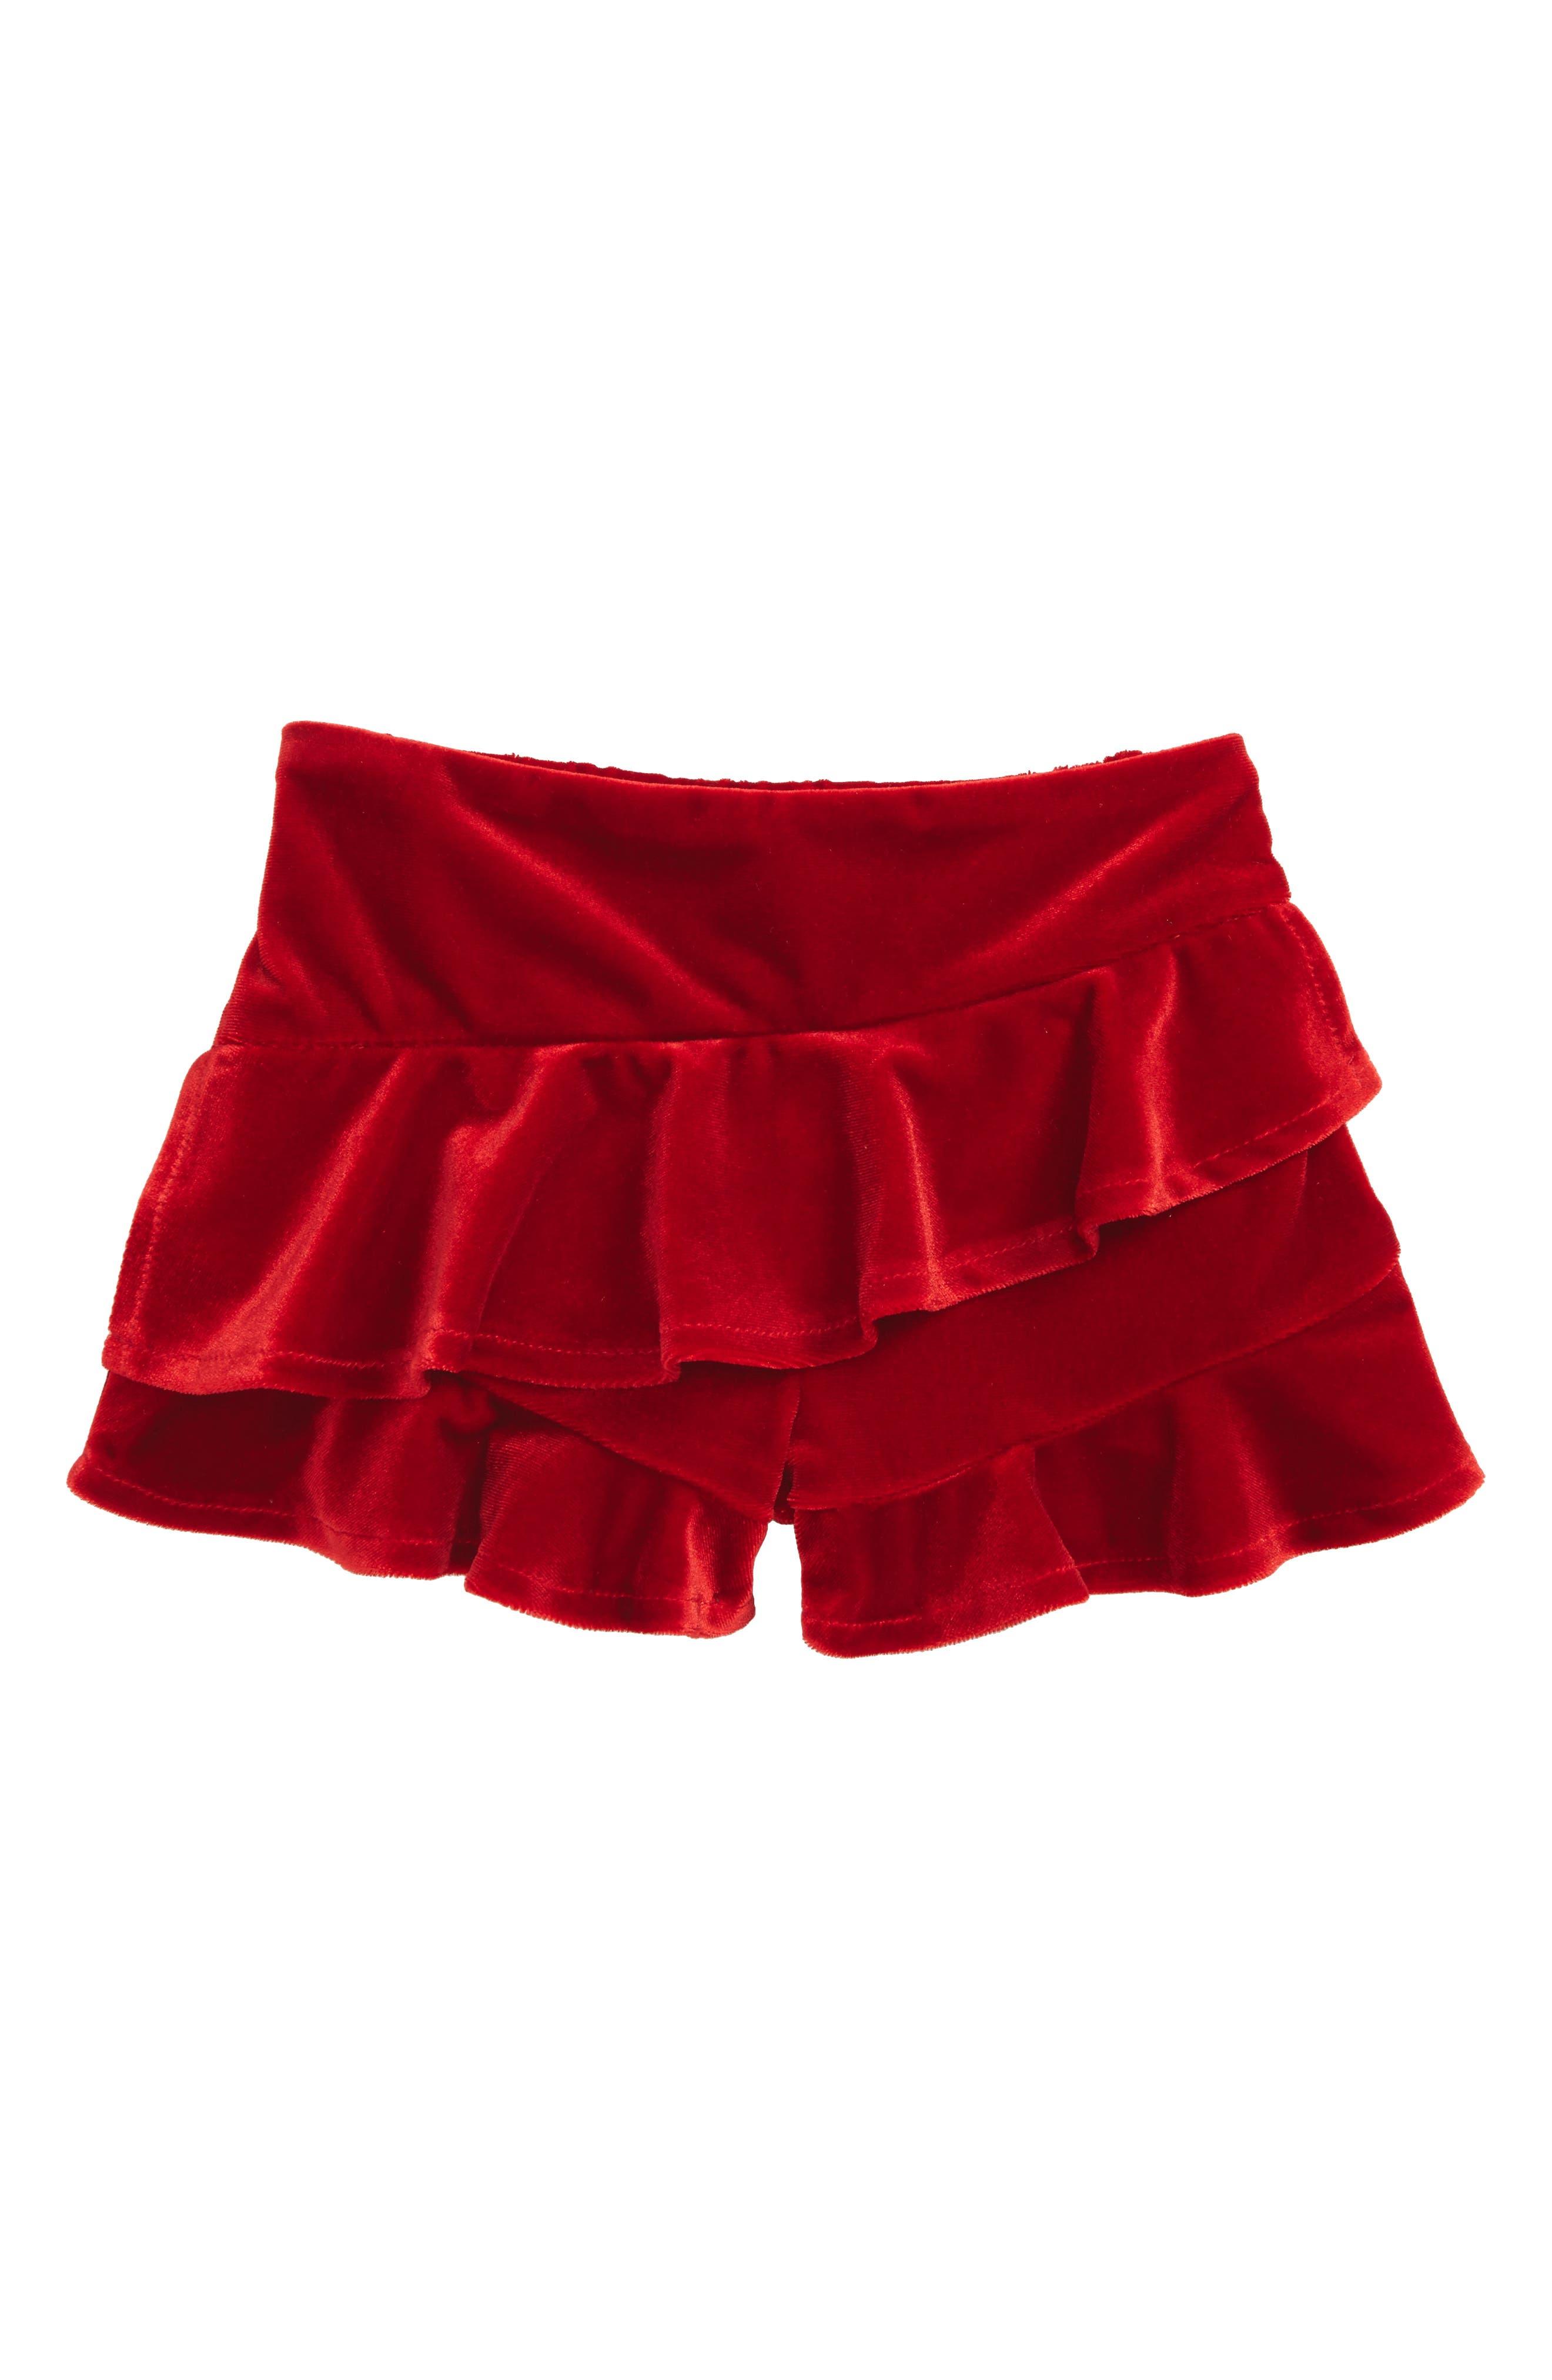 Alternate Image 1 Selected - Bardot Junior Velour Skort (Baby Girls & Toddler Girls)